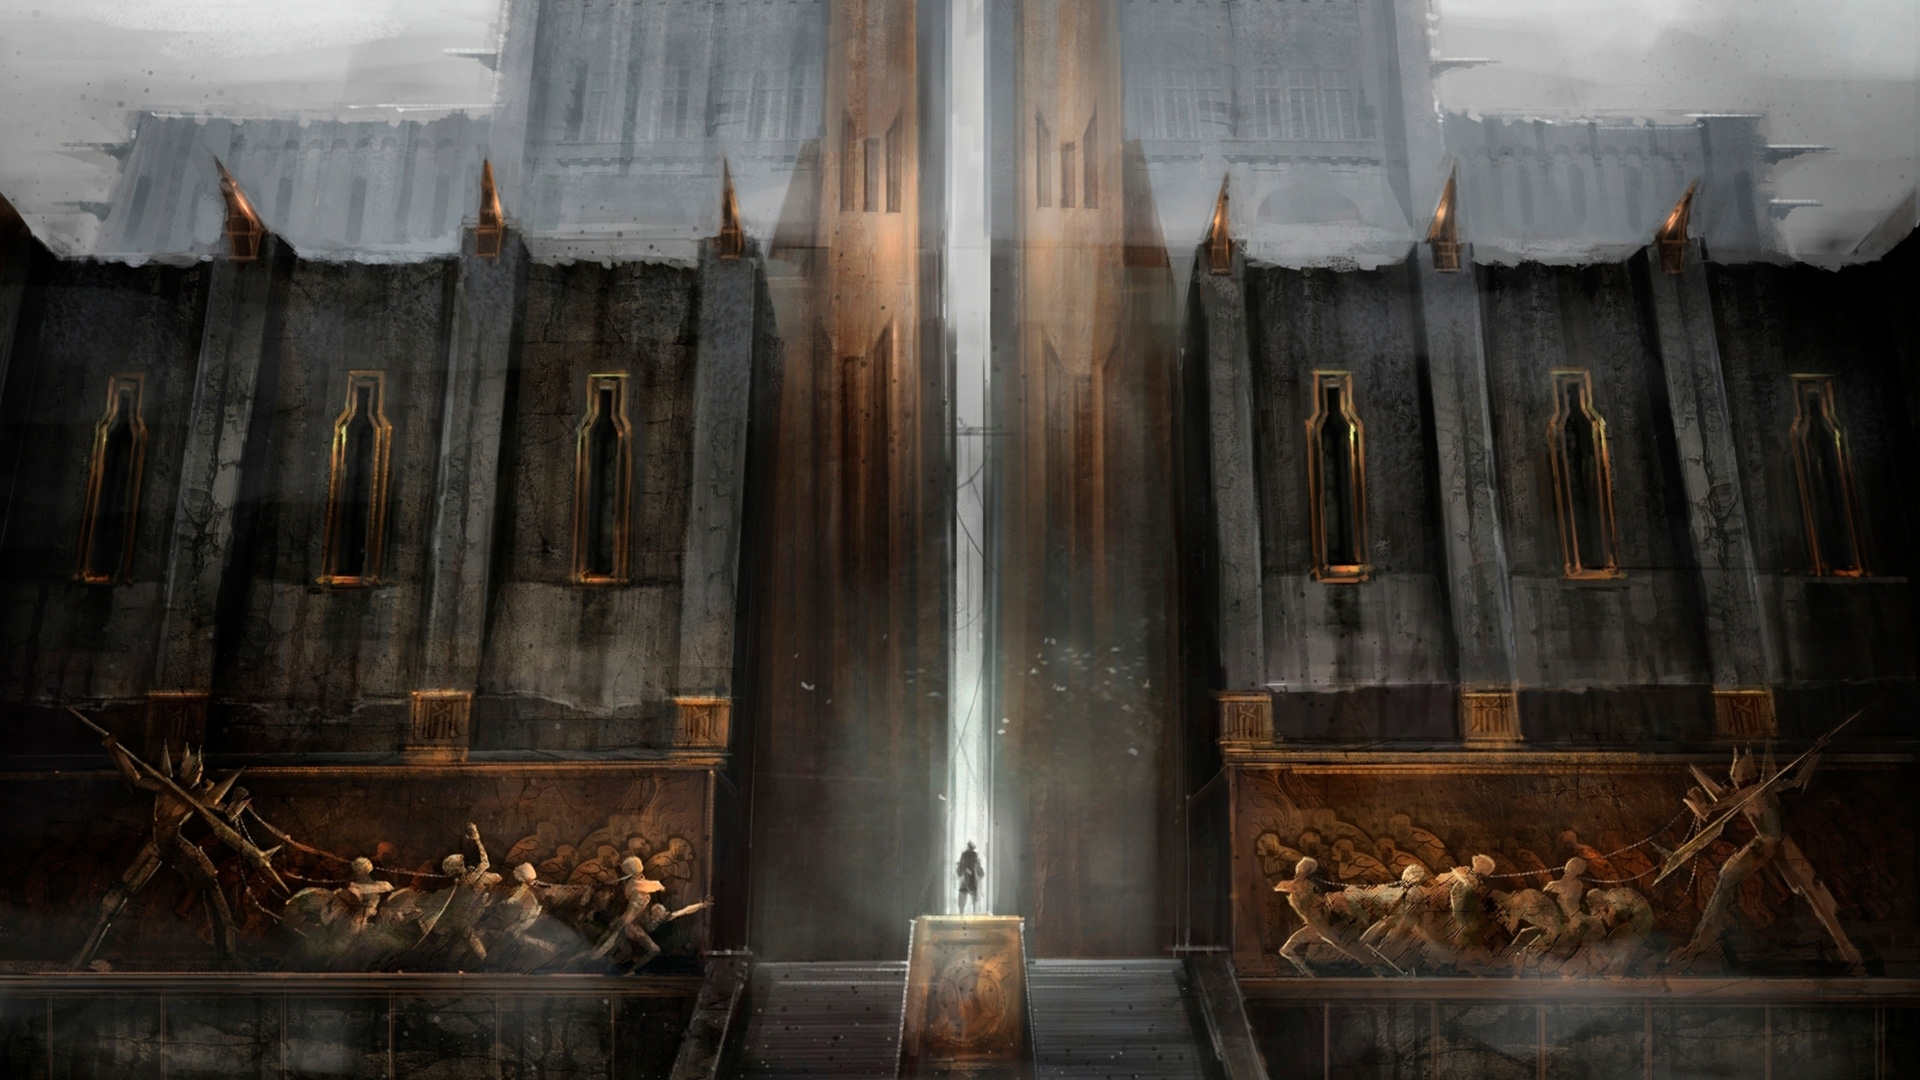 Dragon Age 2 Wallpaper in 1920x1080